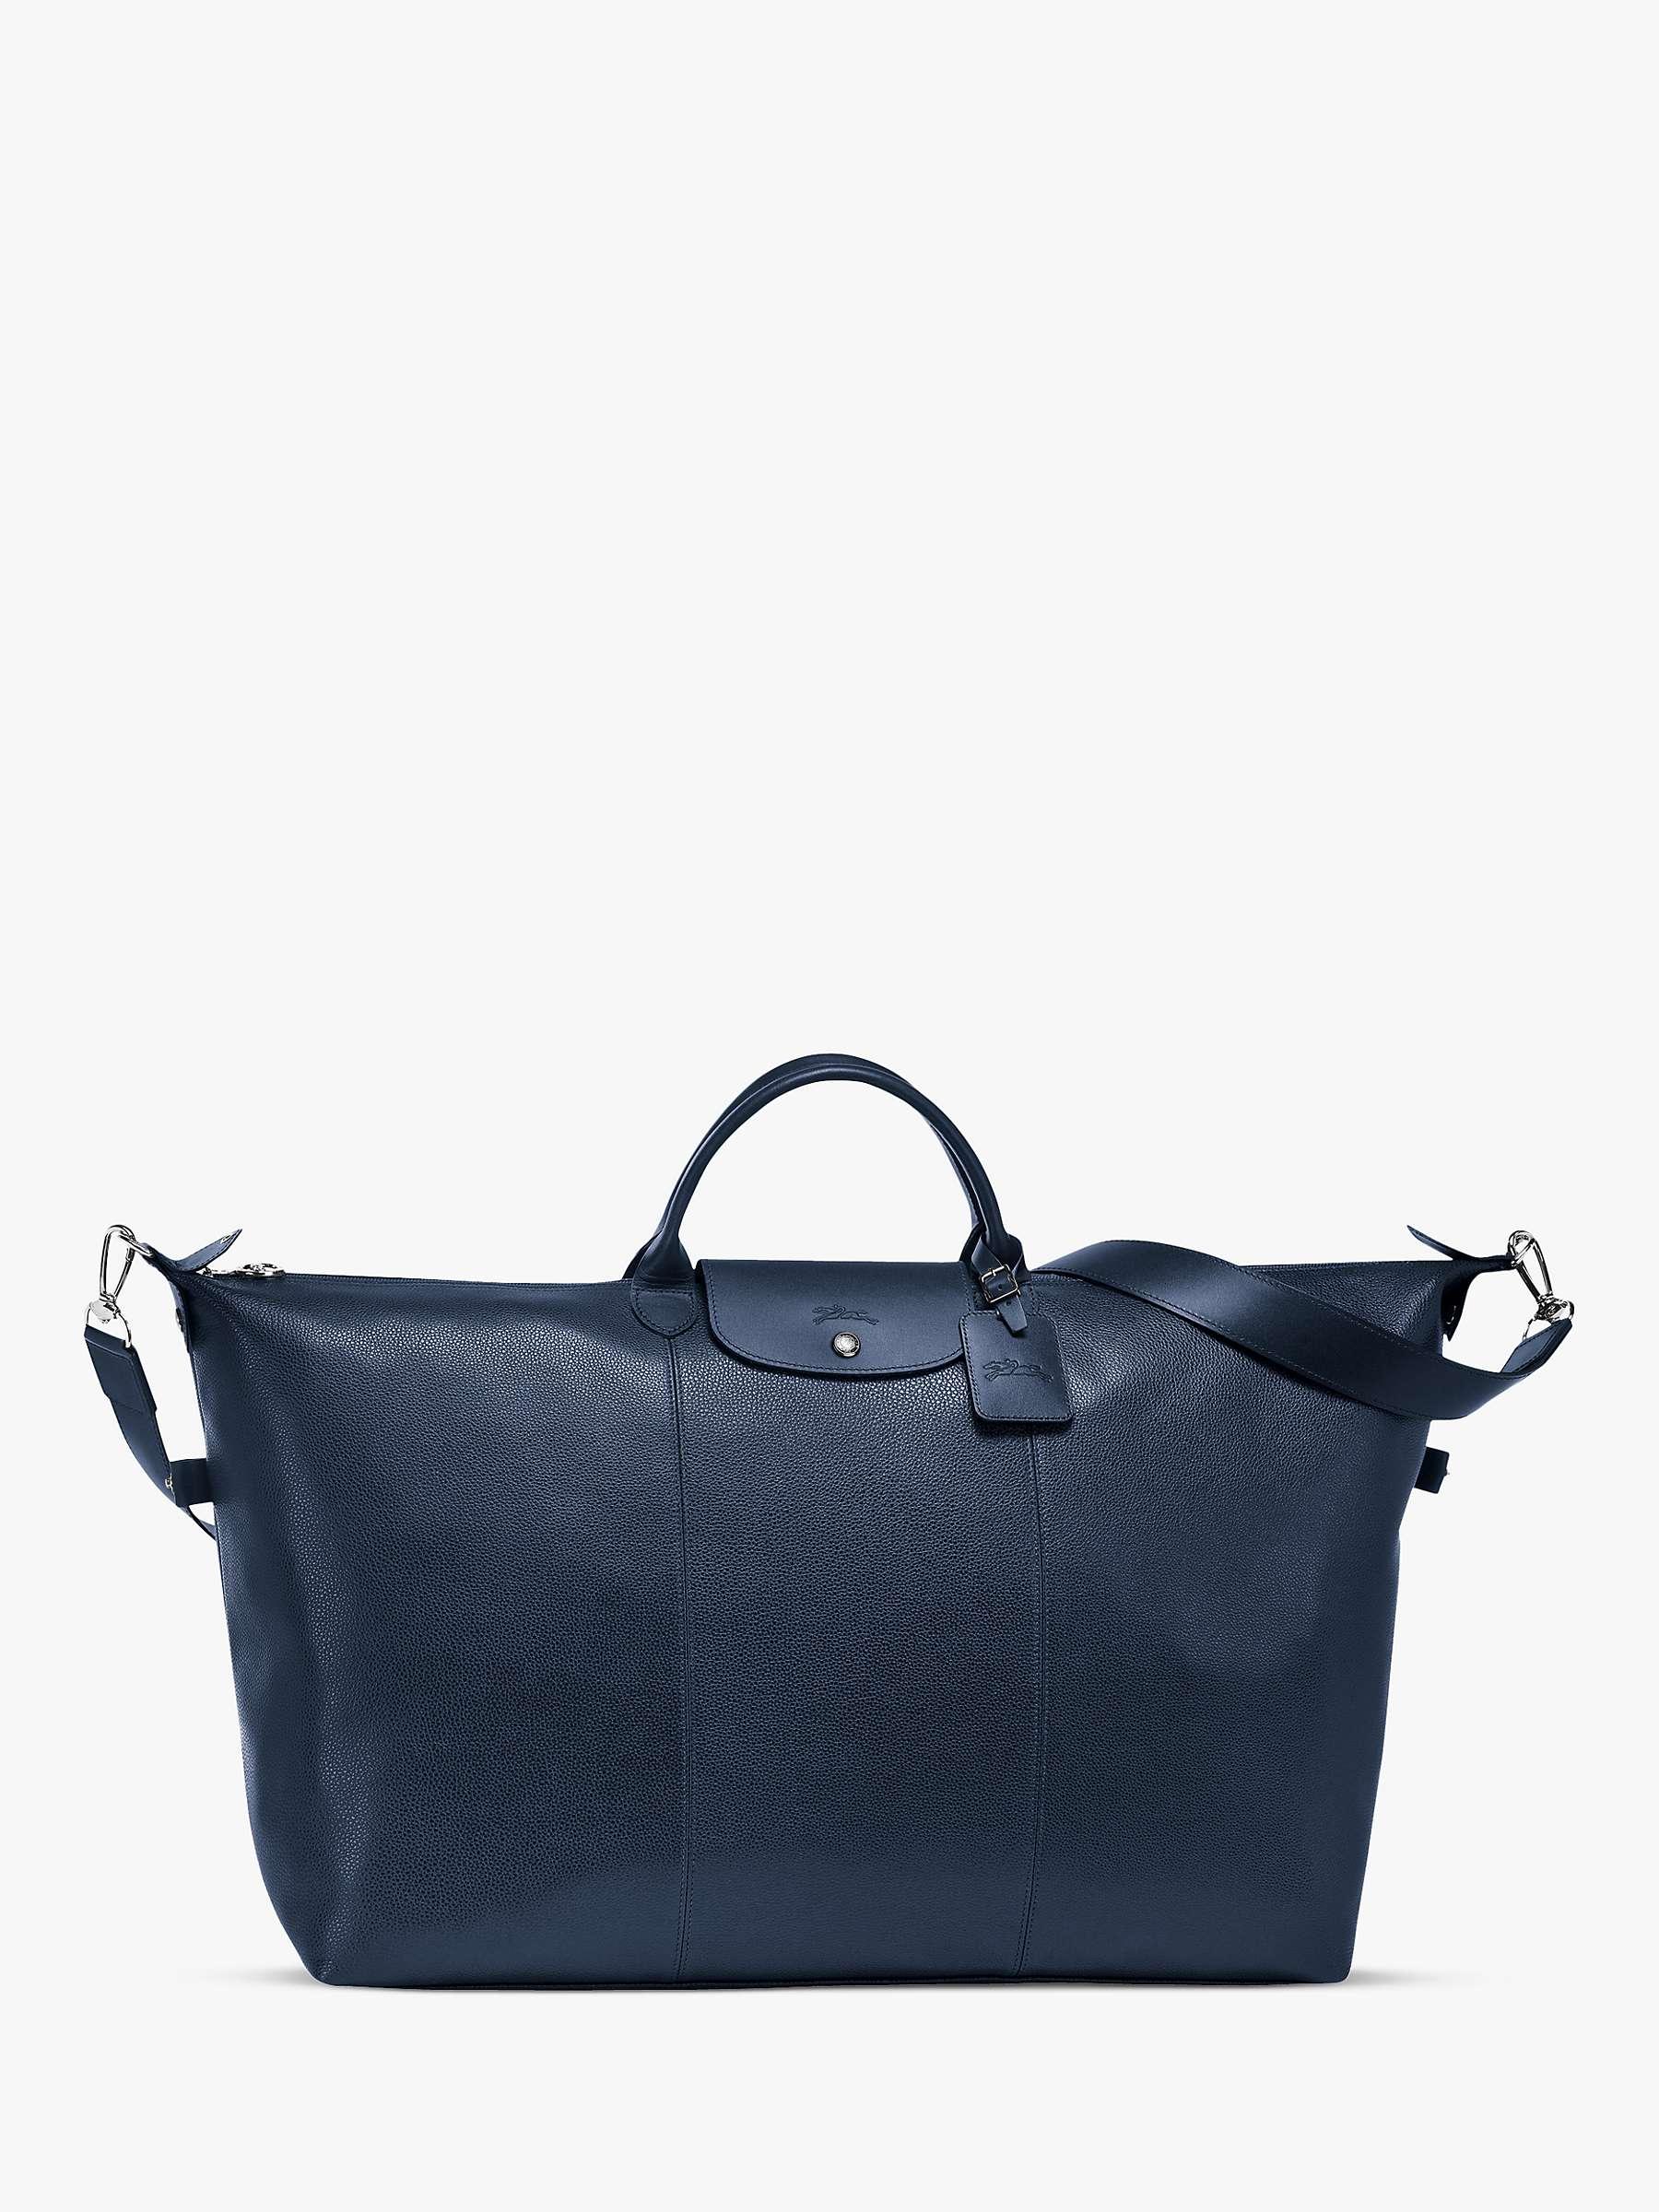 Longchamp Le Foulonné Leather Travel Bag, Navy